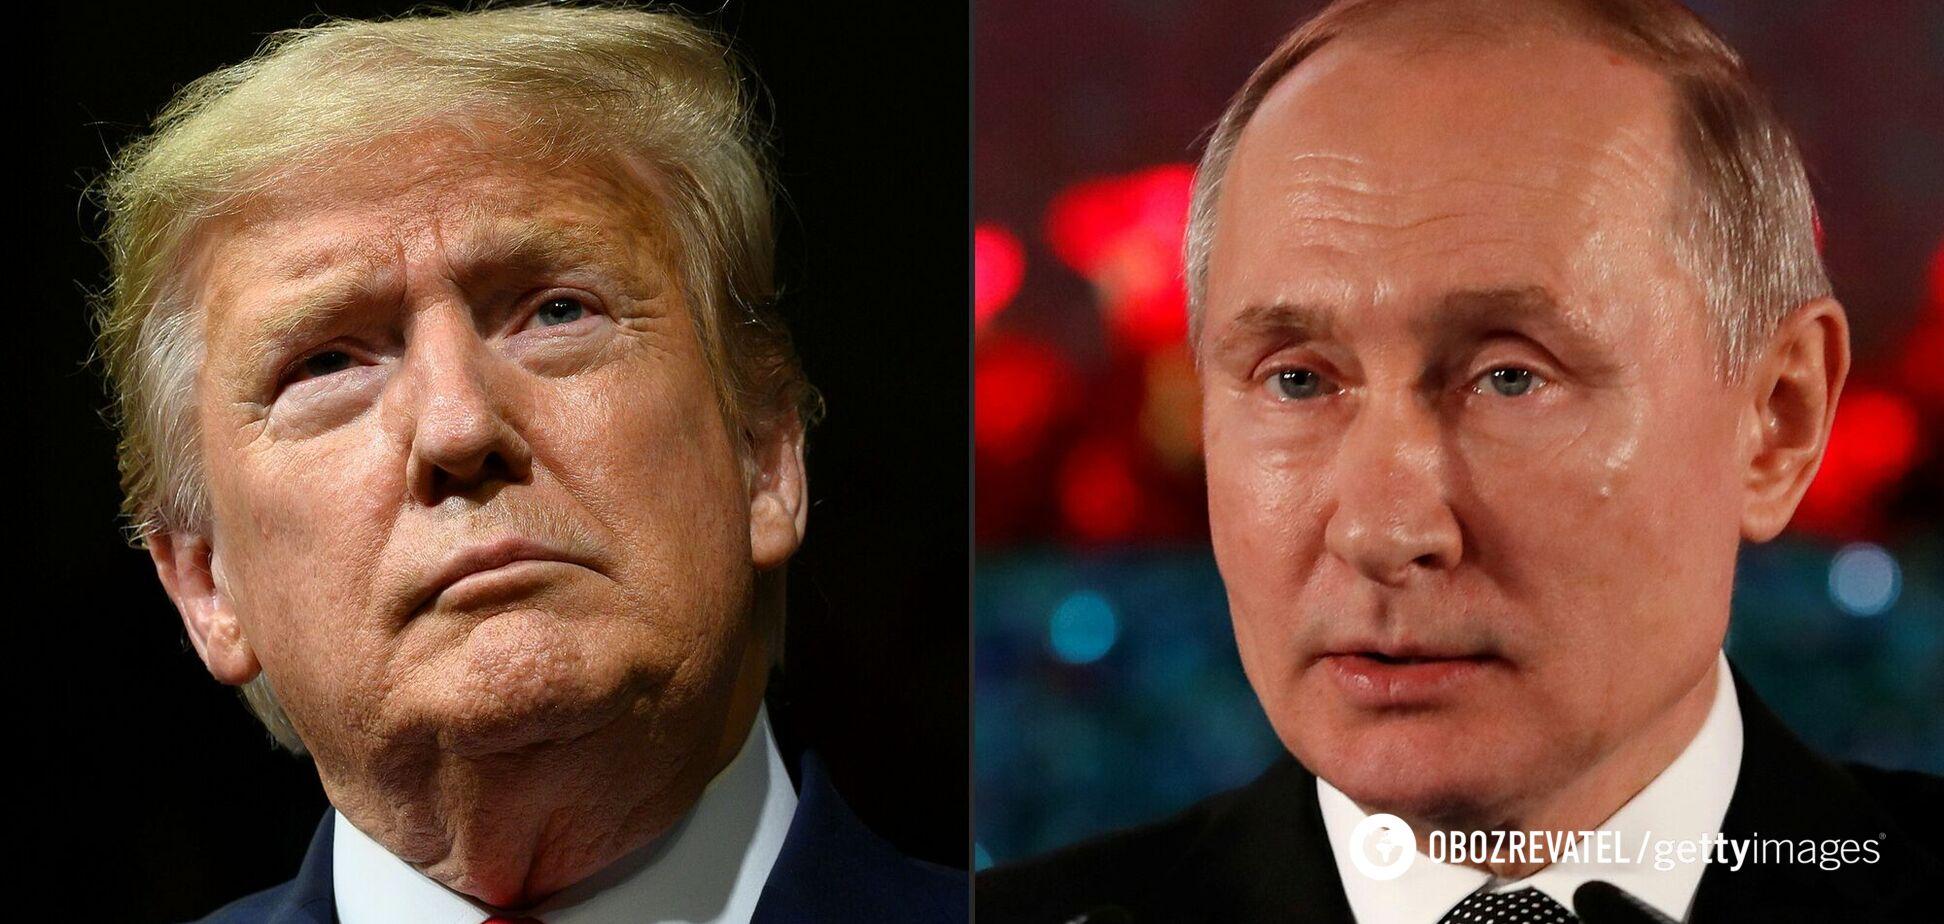 Трамп заявил, что нравился Путину, и Путин ему нравился